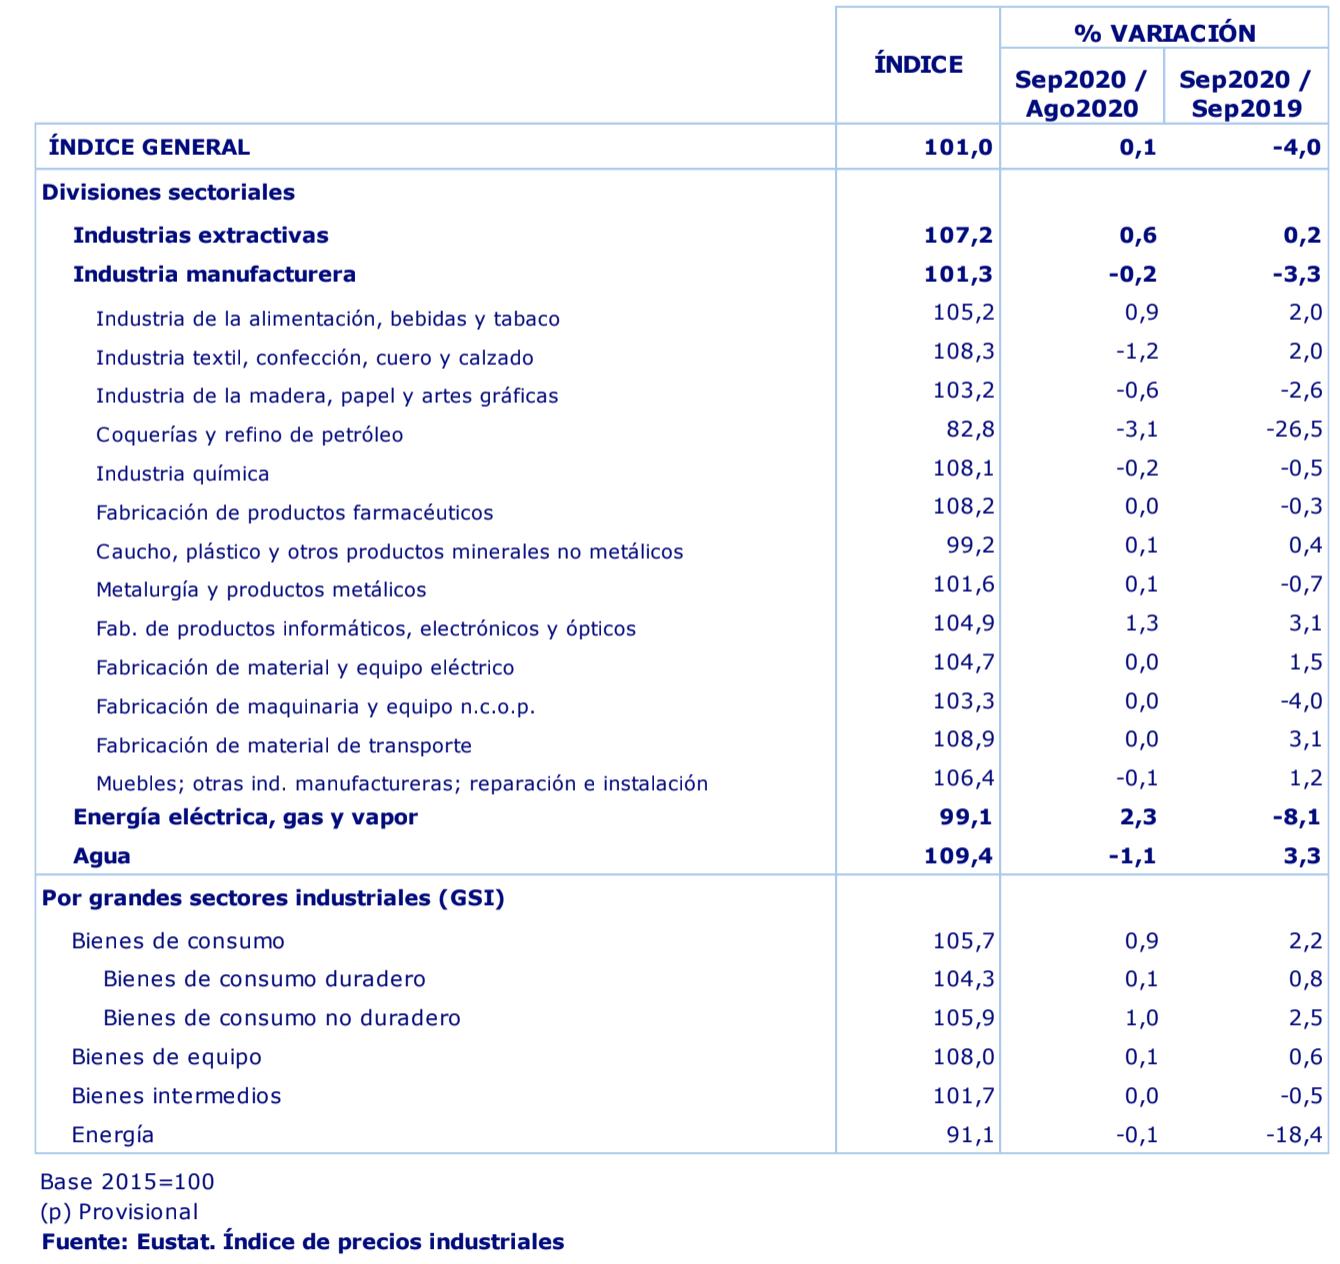 Los precios industriales en País Vasco ascendieron un 0,1% en el mes de septiembre de 2020 respecto al mes anterior 2